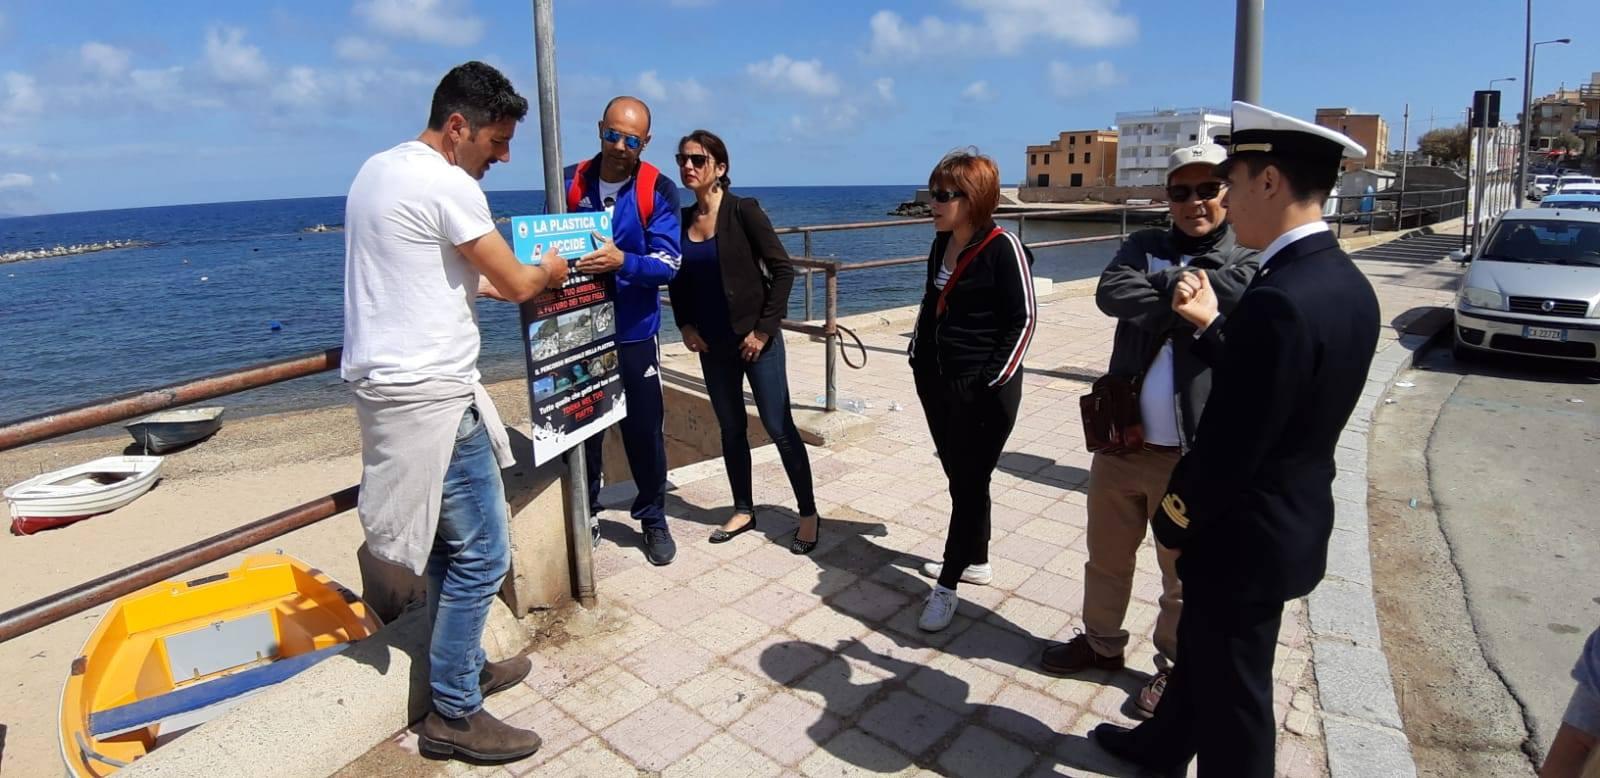 WWF Plastic Free- installati ad Aspra cartelli contro la plastica a mare